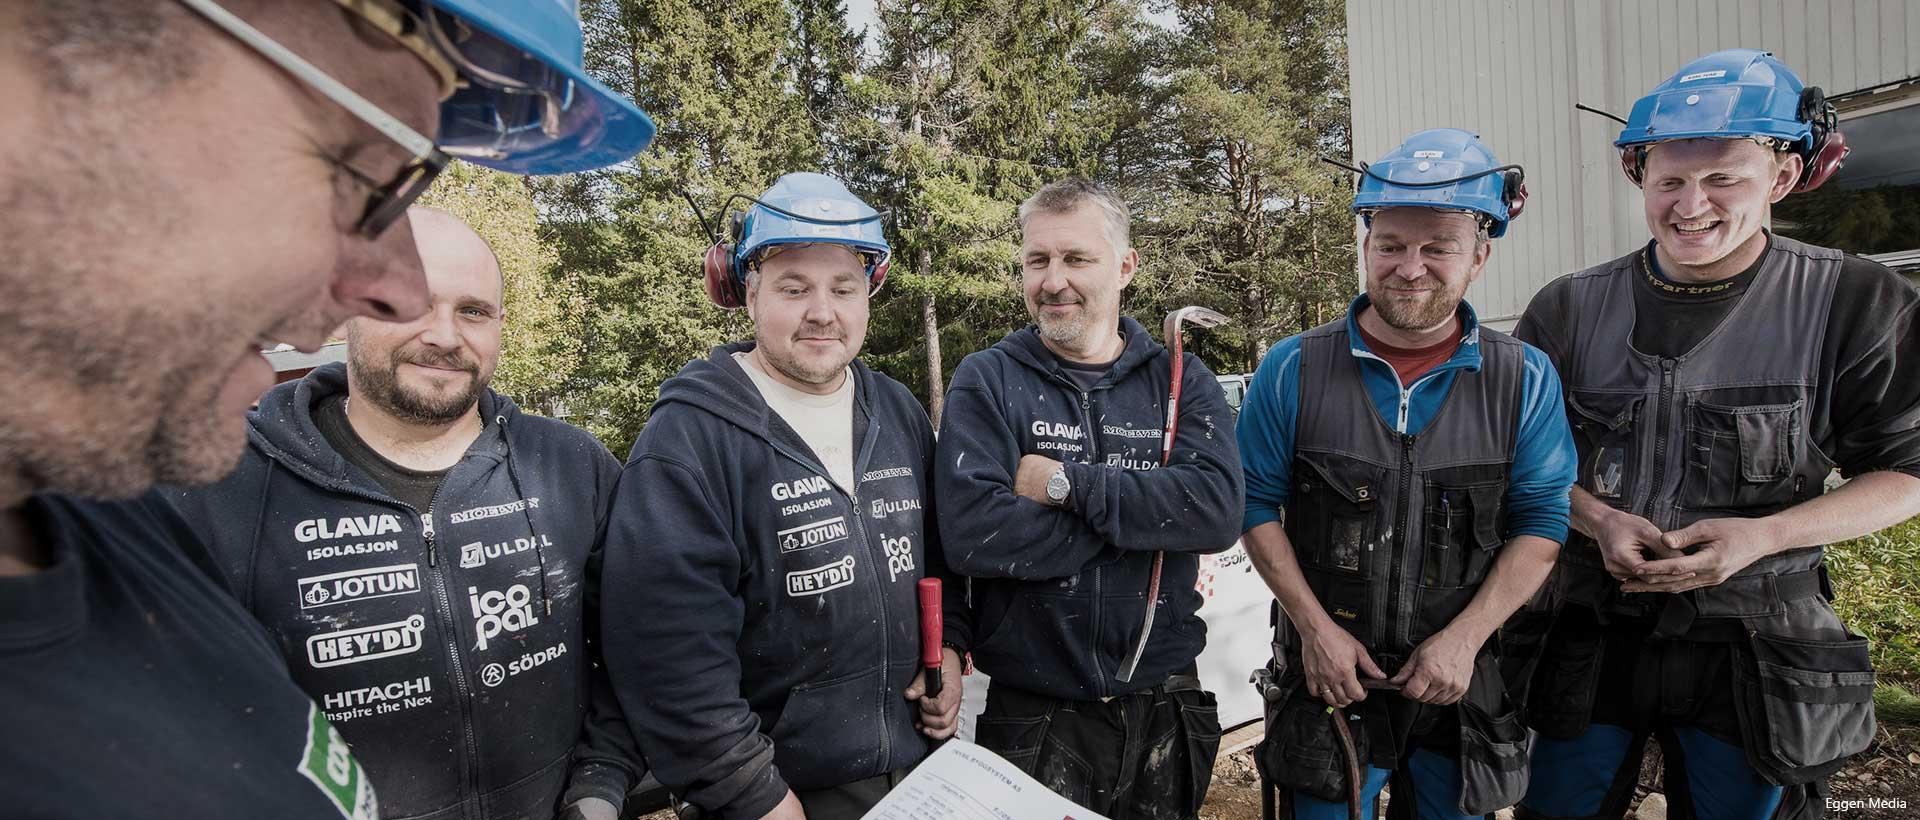 fjellgutta_gjengen